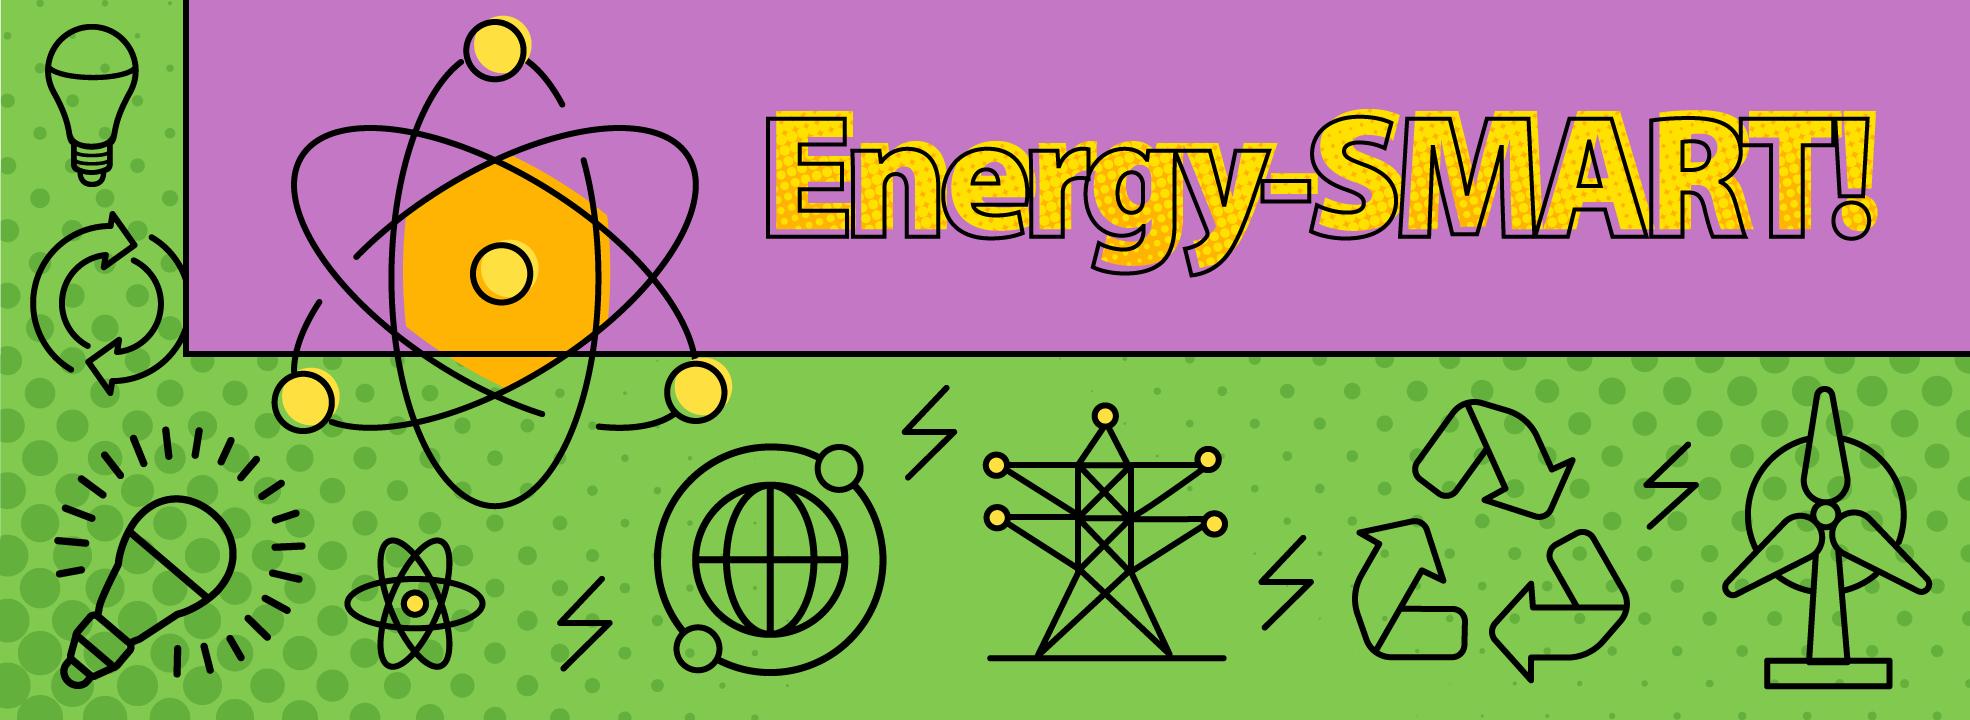 Energy-SMART!